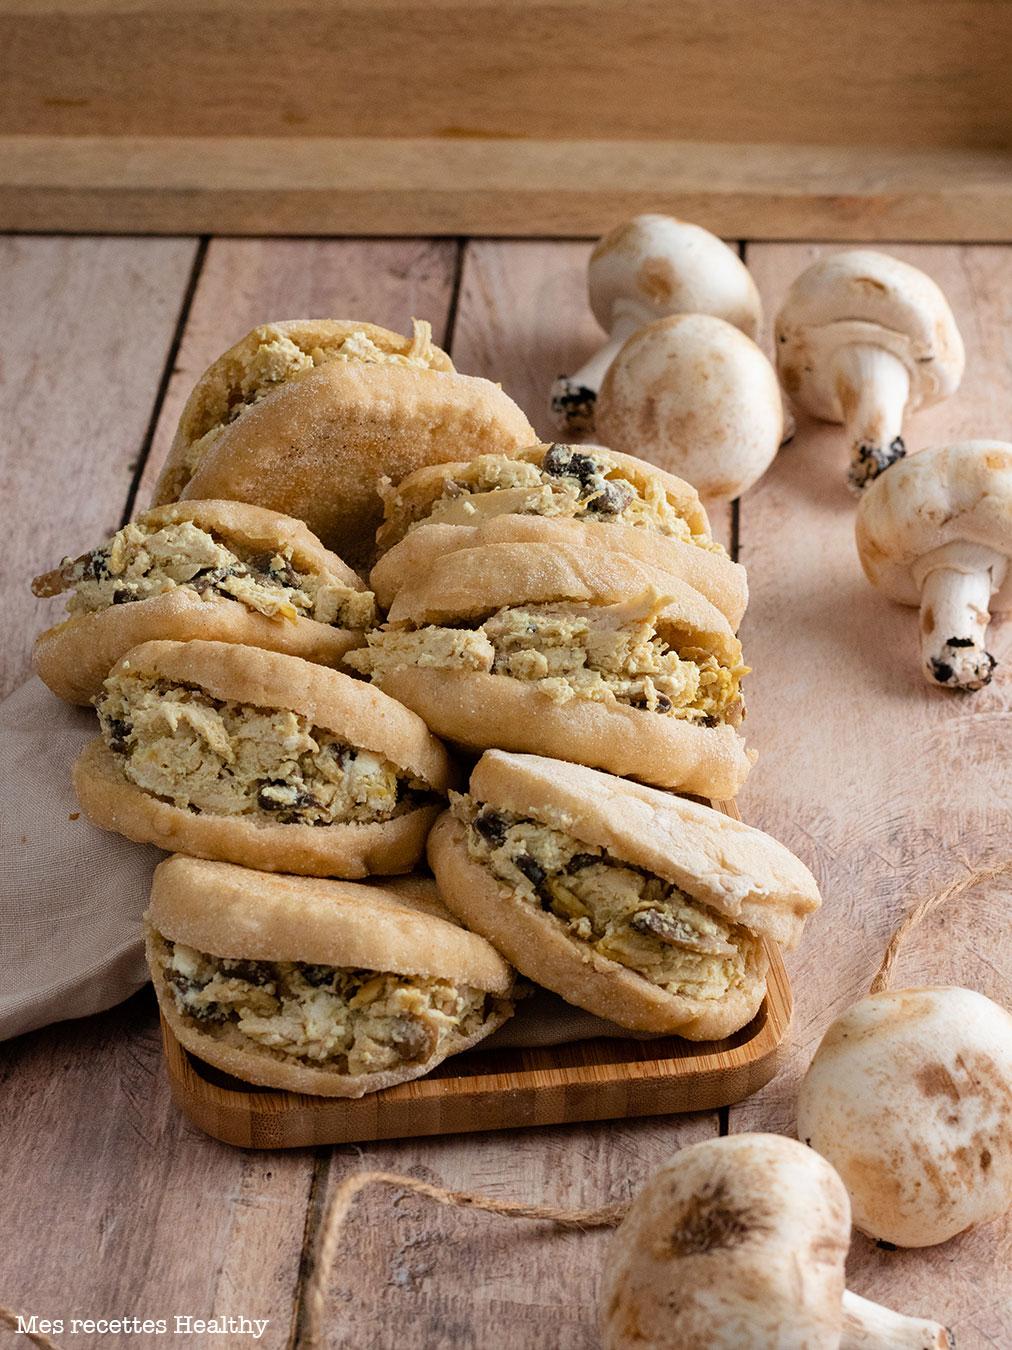 recette healthy-batbout farce-ricotta-champignon-poulet-fait maison